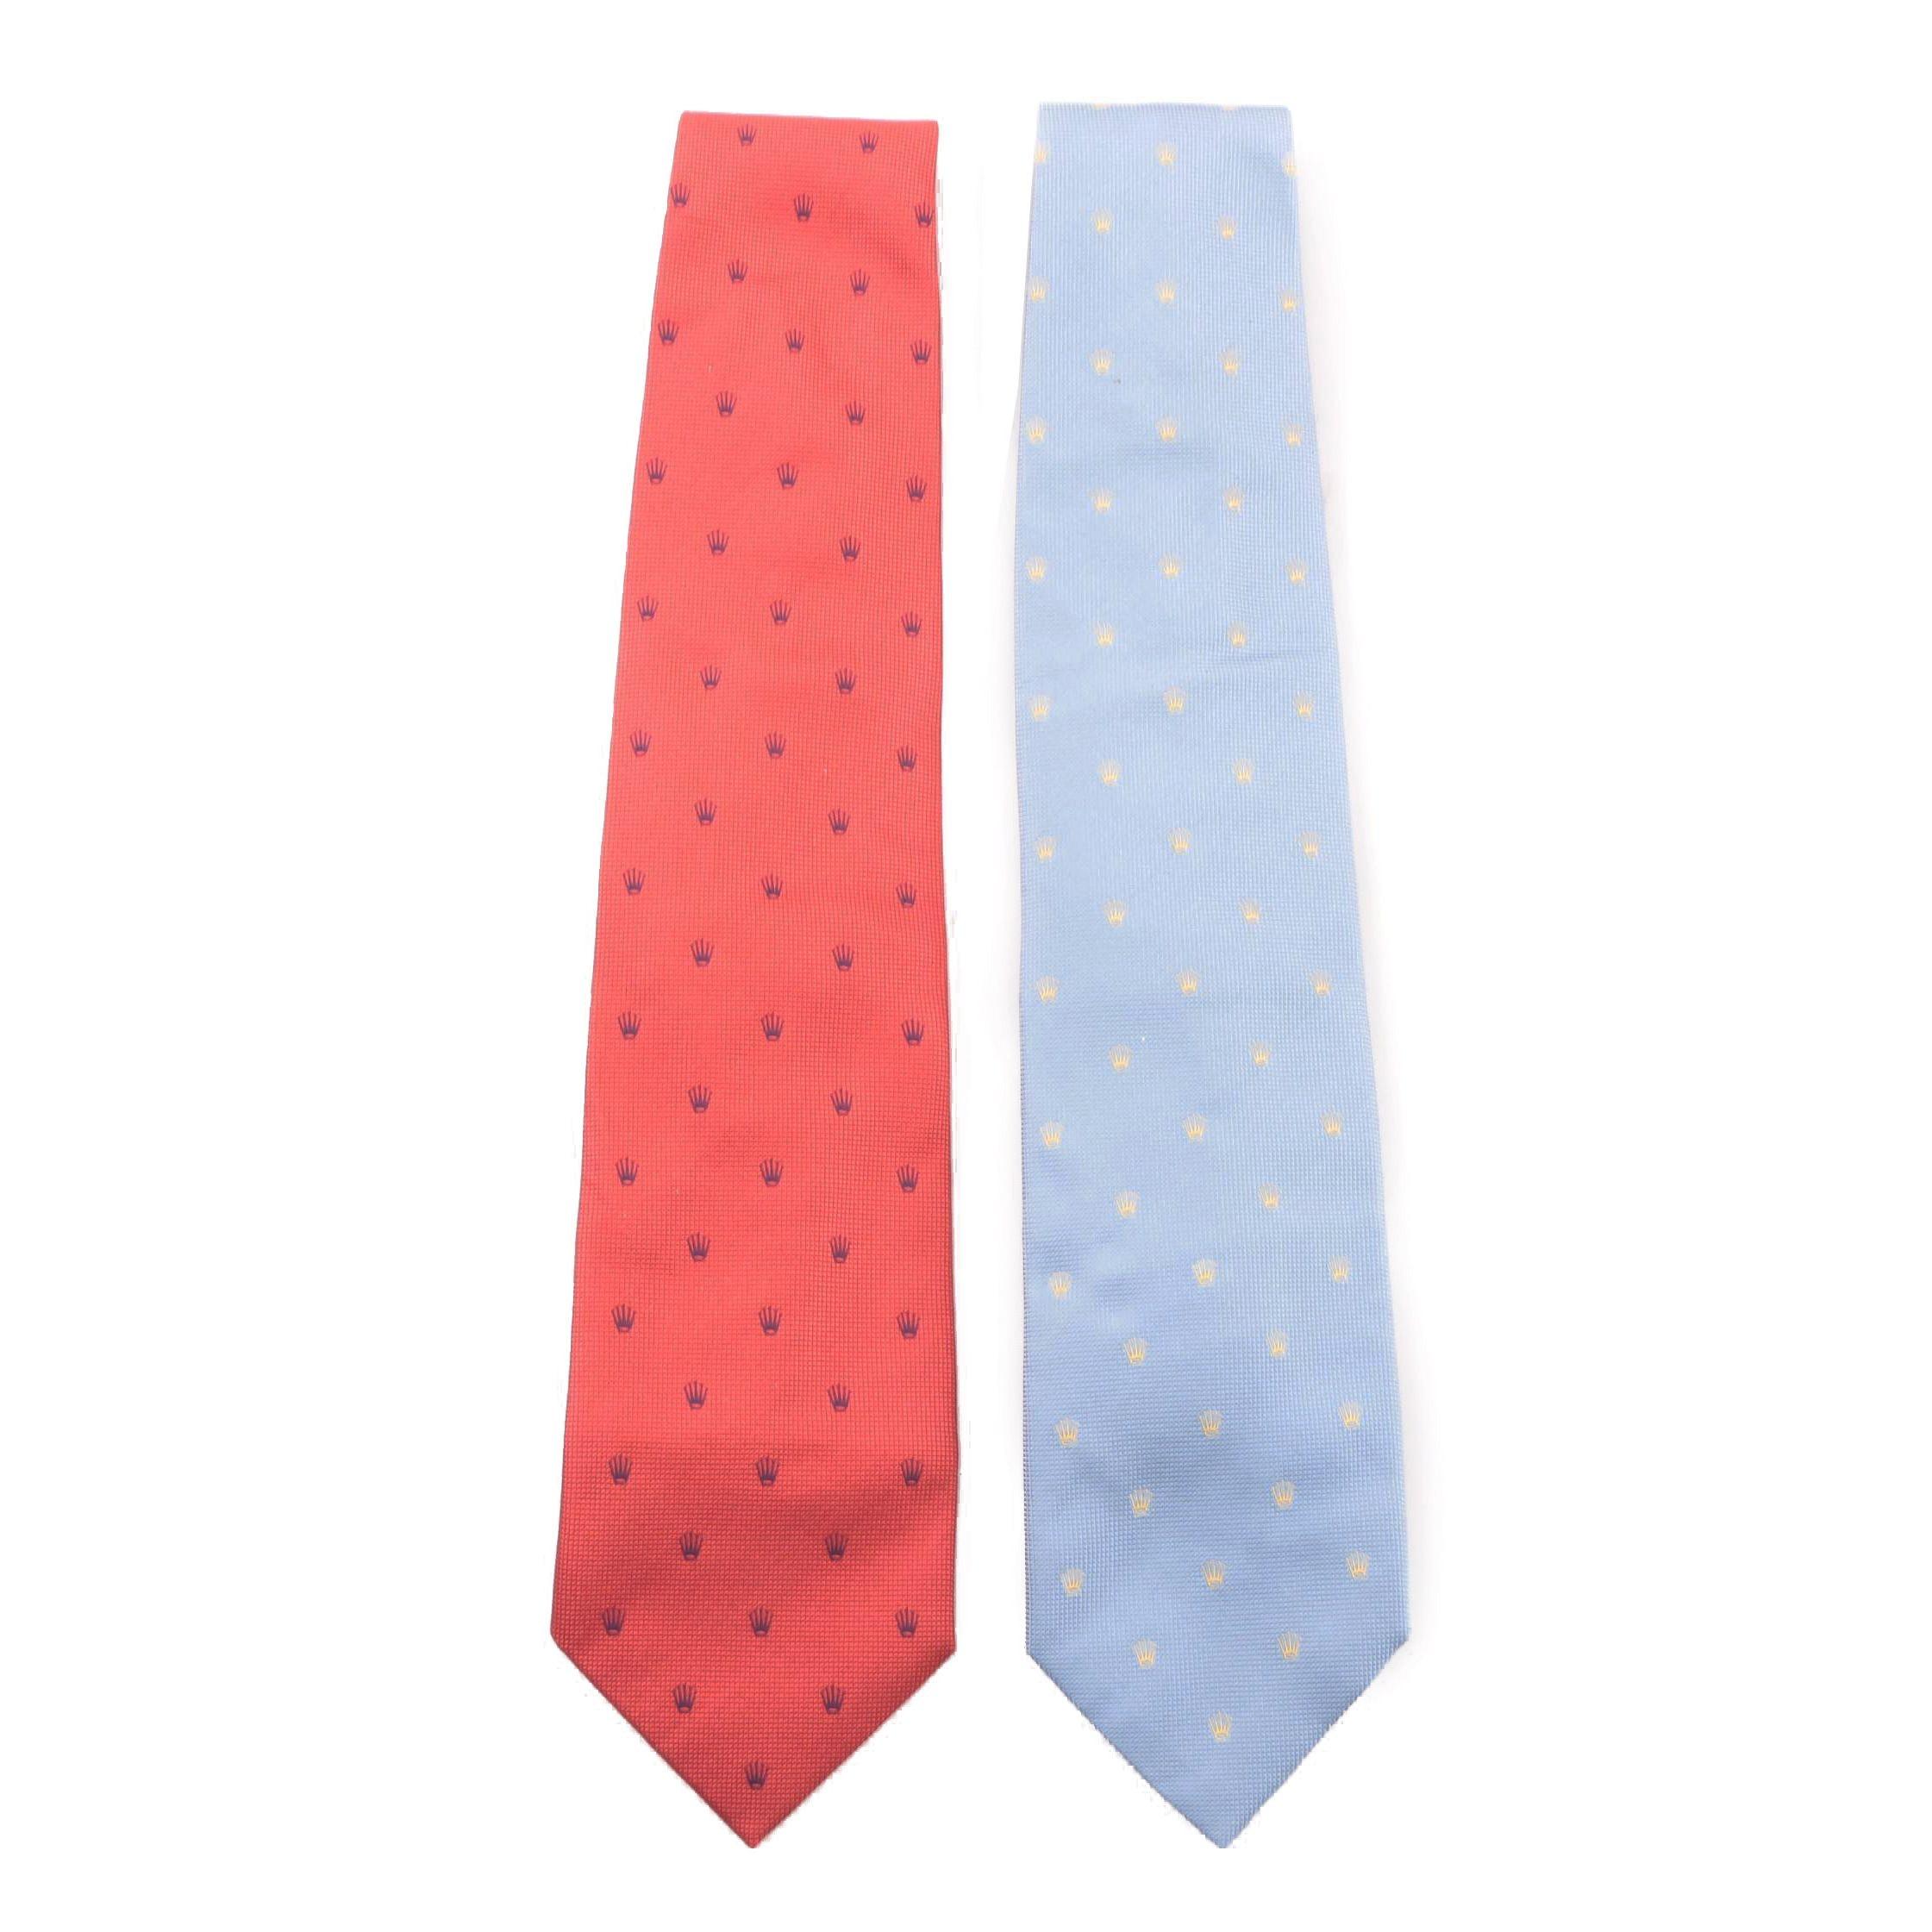 Men's Rolex Silk Neckties with Embroidered Logo